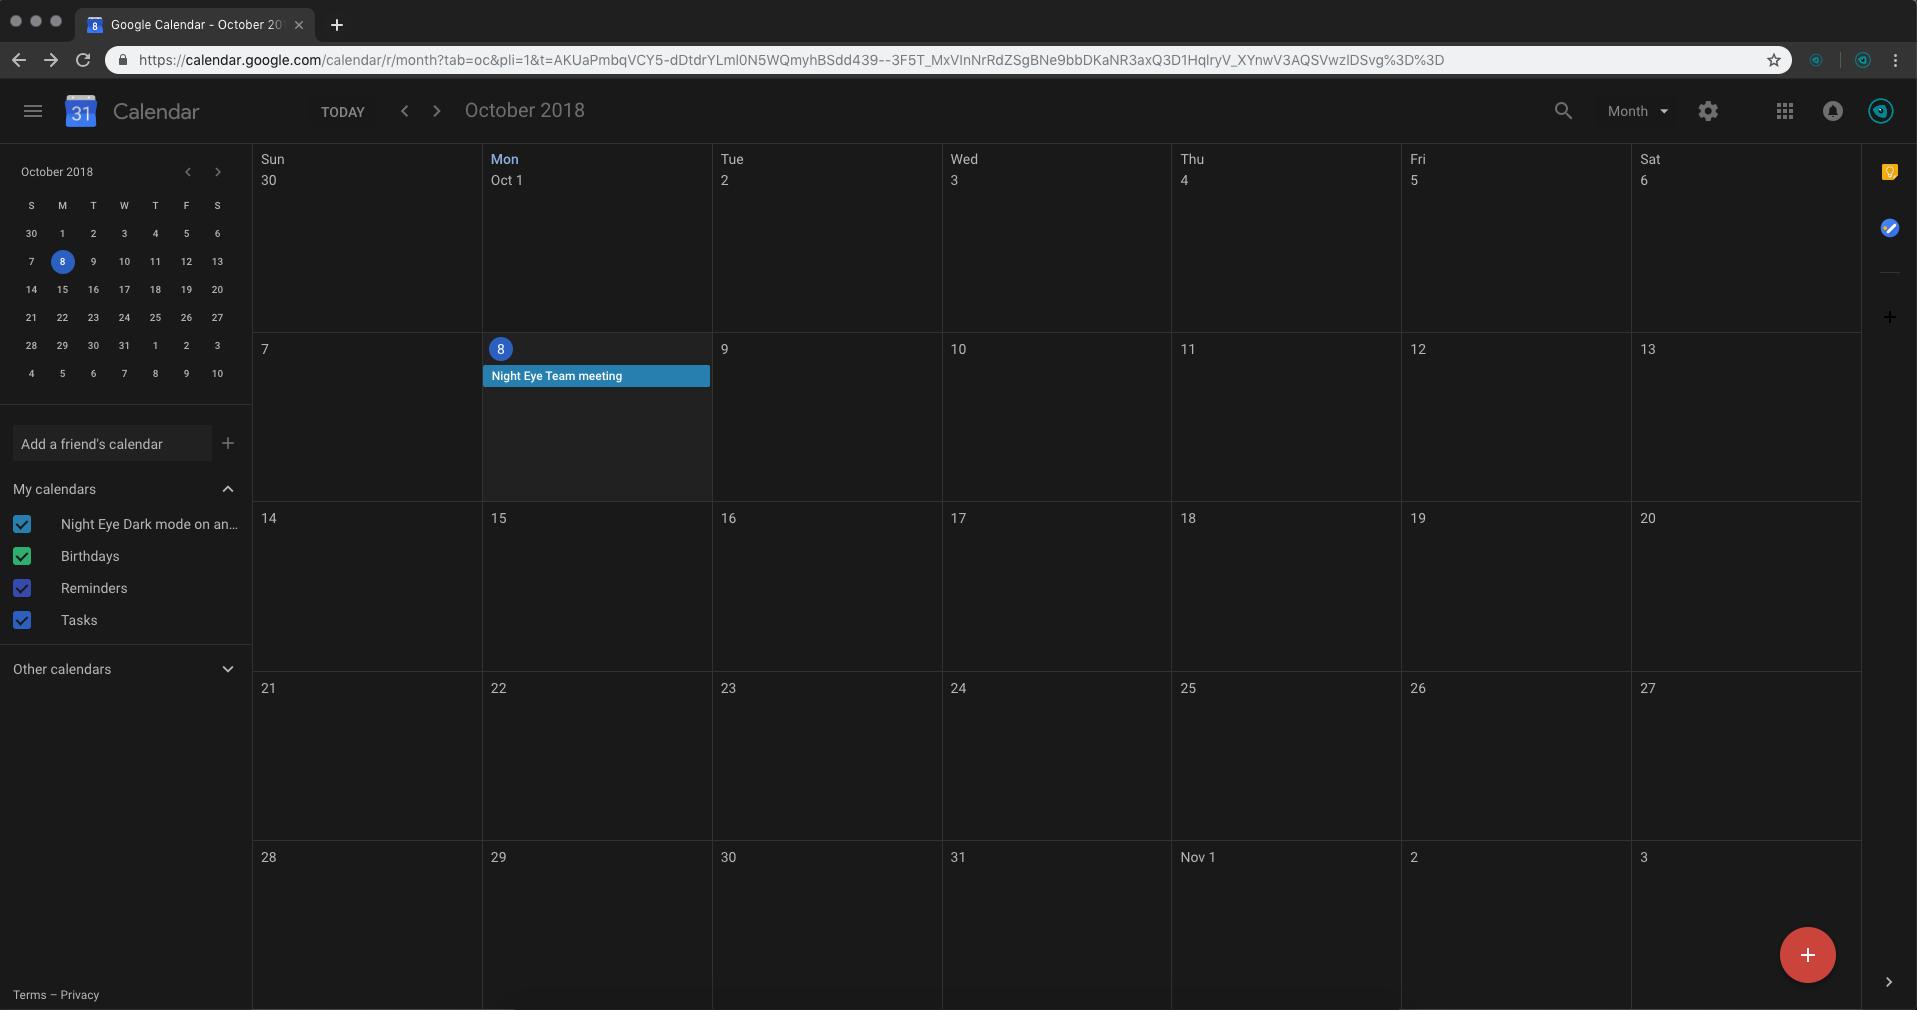 Google-calendar-dark-mode-night-eye